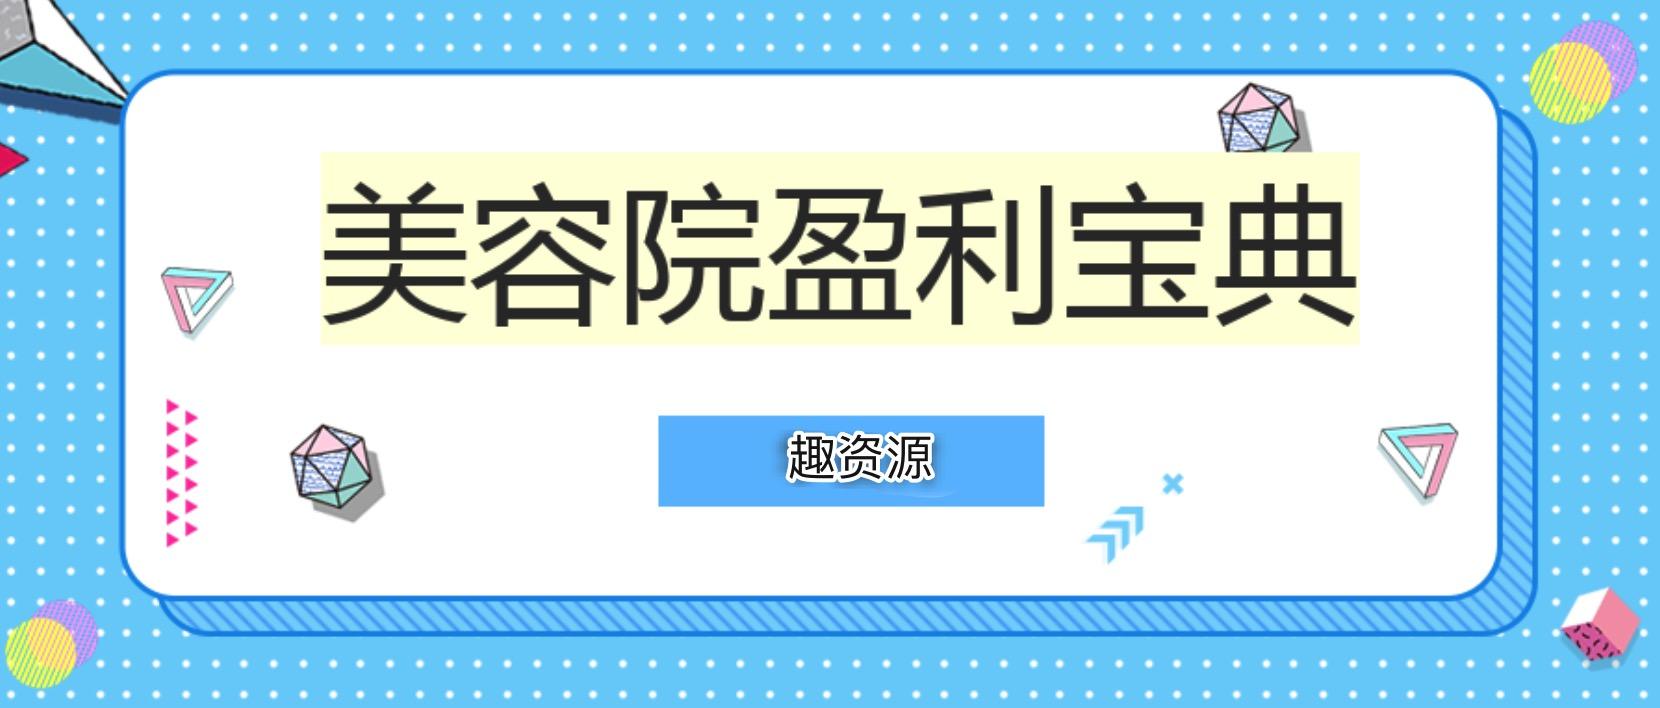 美容院盈利宝典(文档) 百度网盘